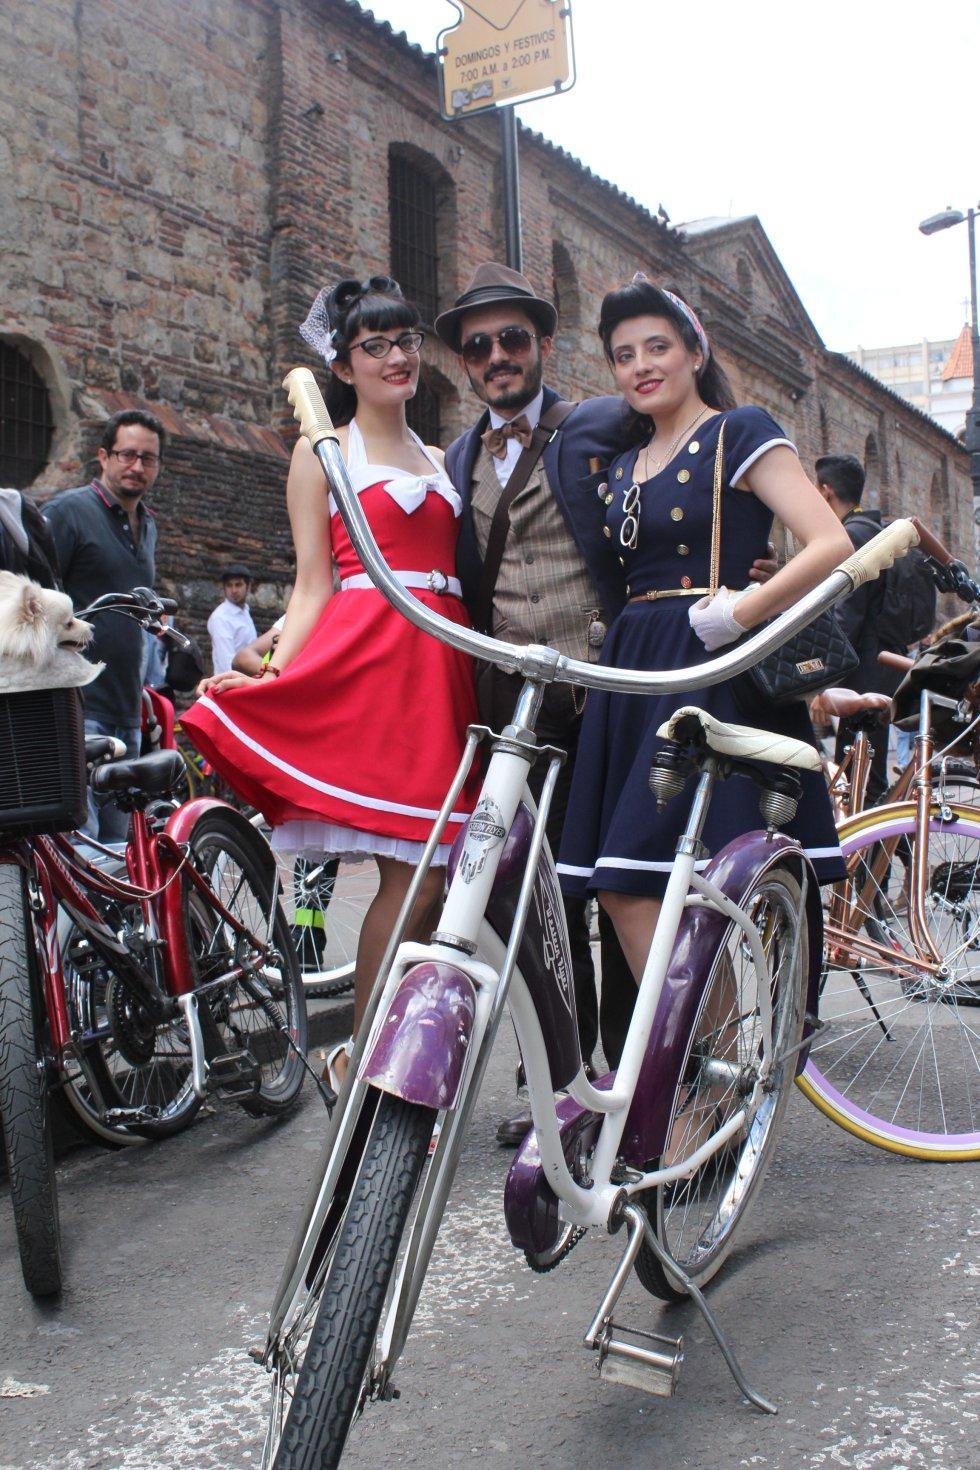 Se celebra el día que conmemora la cultura 'cachaca',   todos los bogotanos salen en bicicleta orgullosamente.